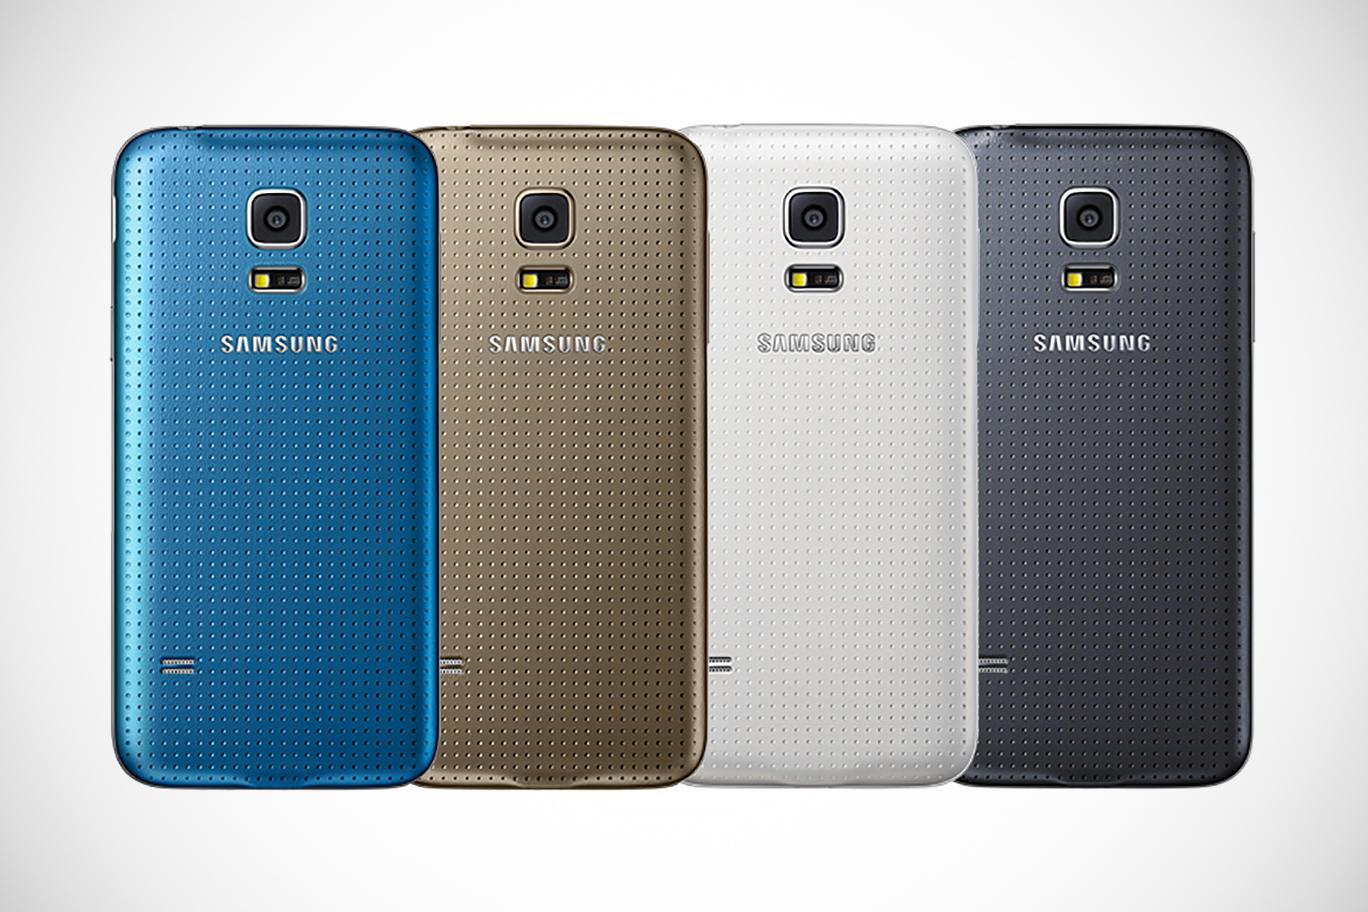 Szukasz Samsunga S5 NEO? Mamy wszystkie kolory w super cenie 1039 zł !